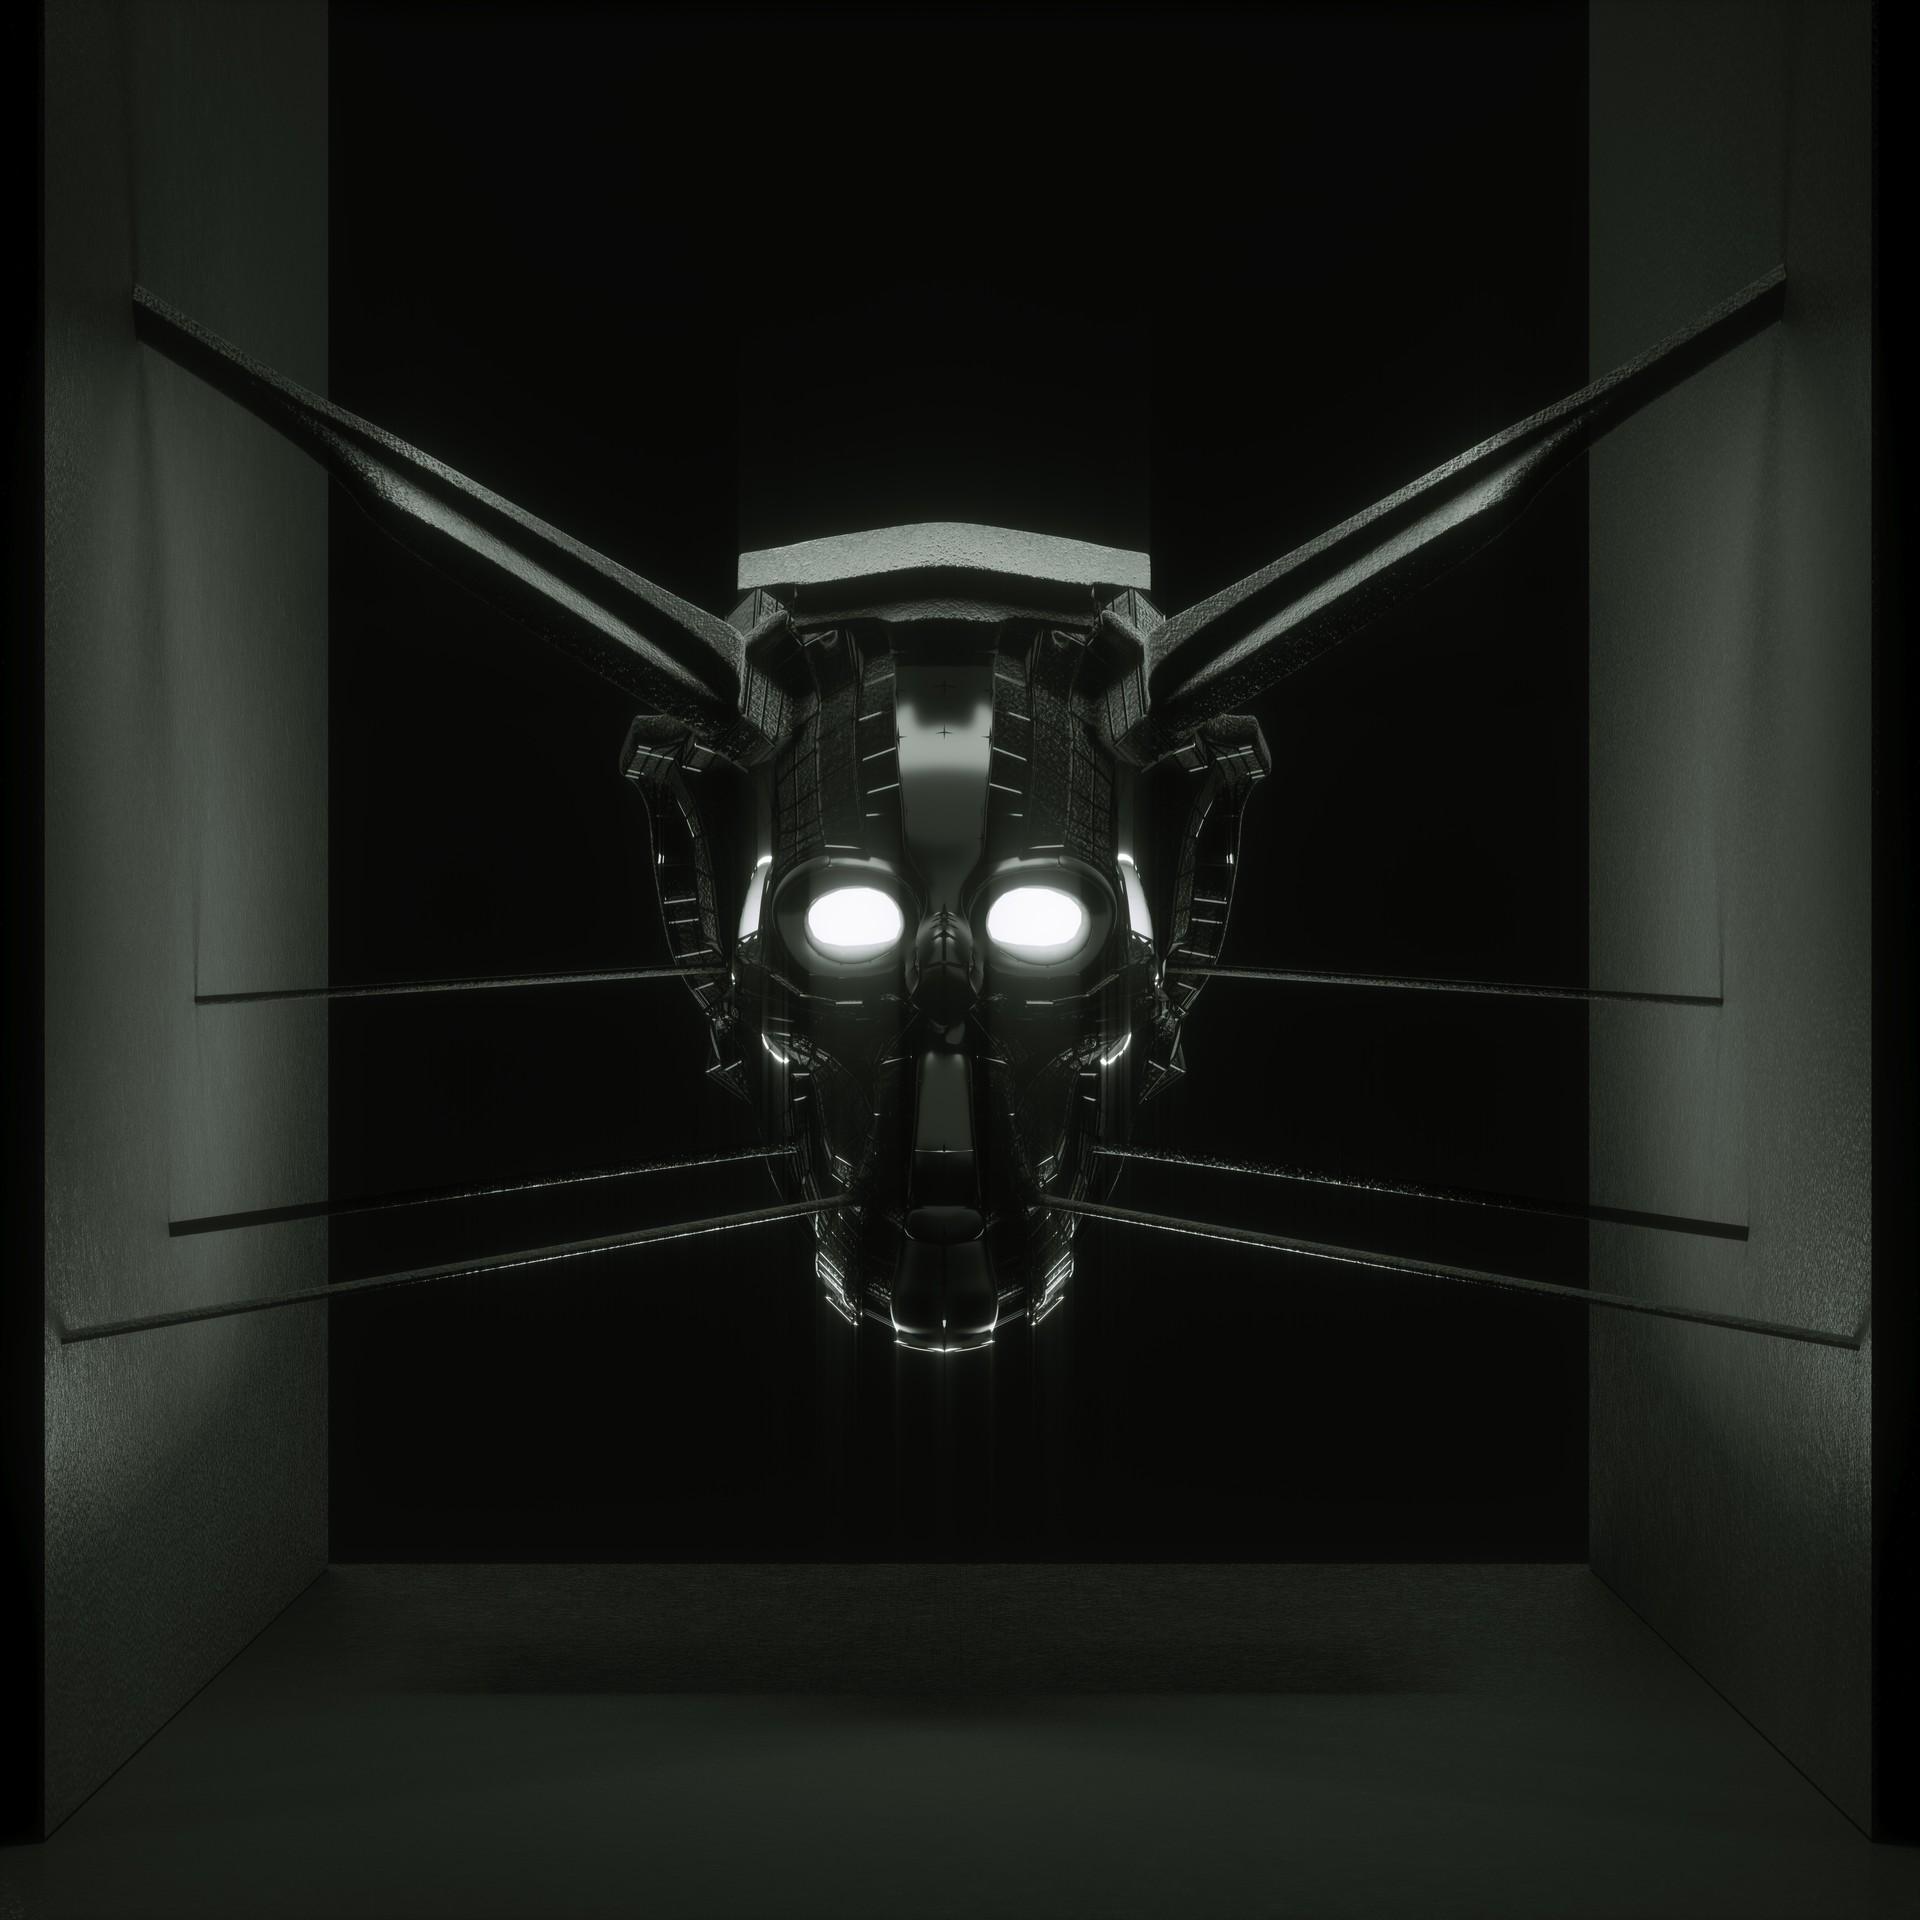 Kresimir jelusic robob3ar 380 271016 skl 27